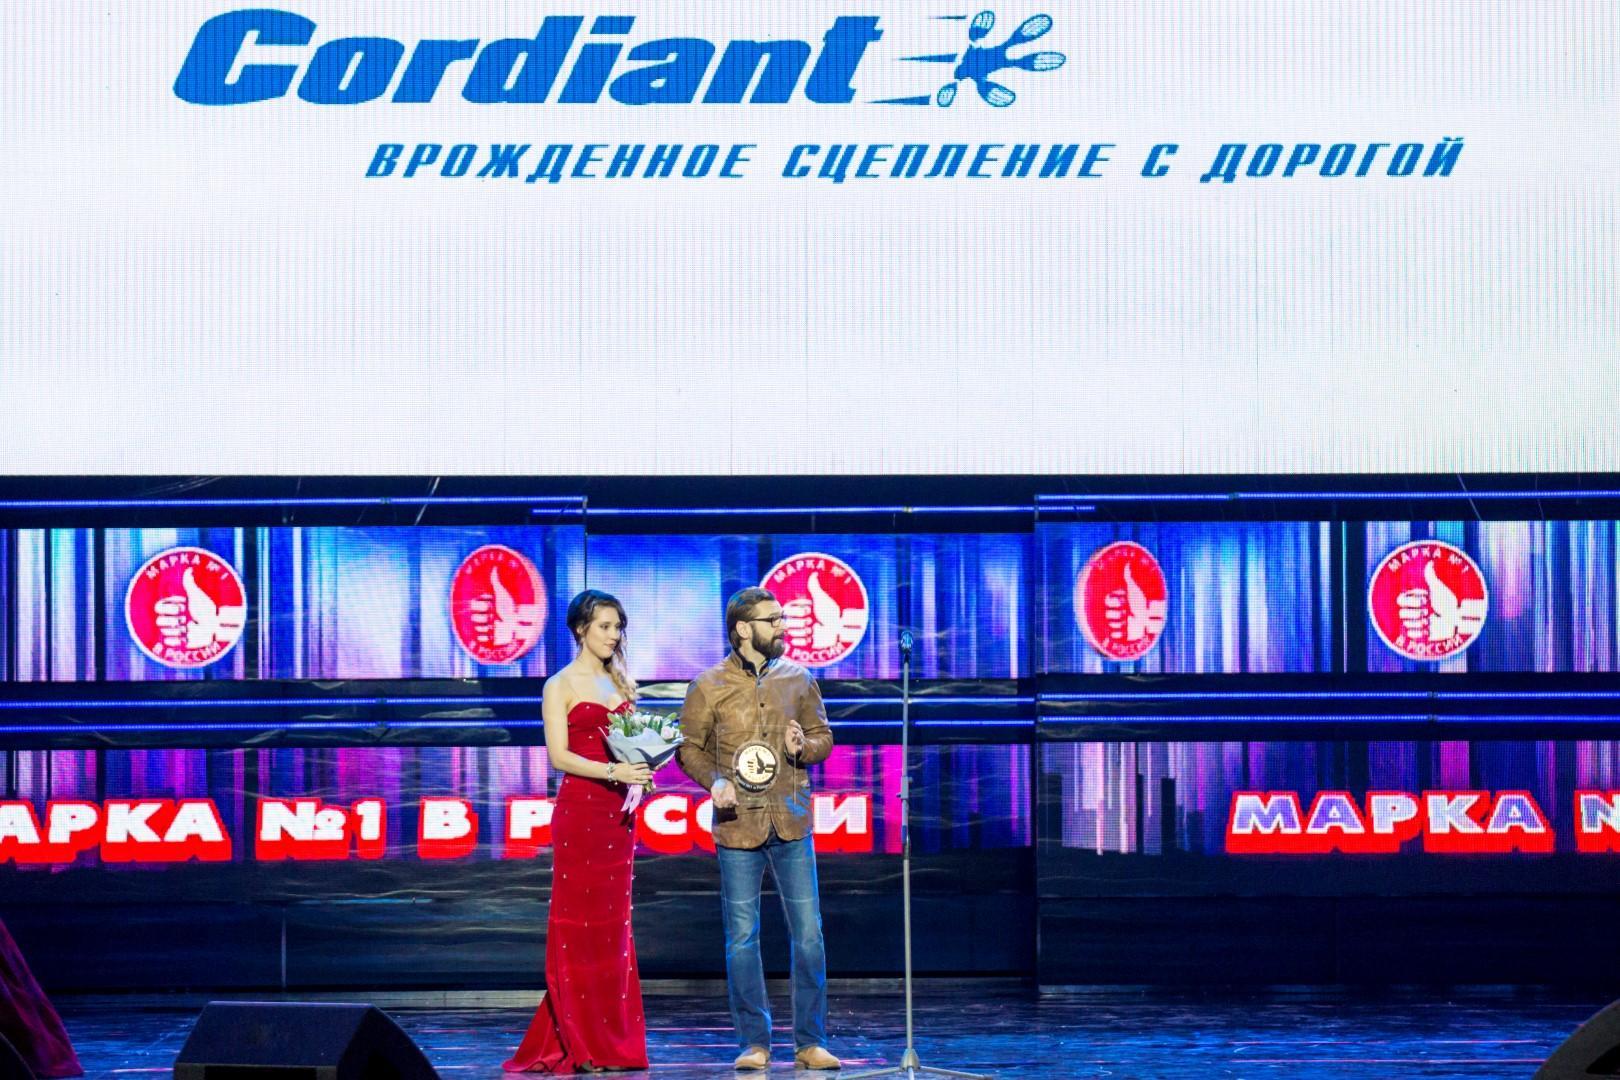 АО «Кордиант» - лауреат премии «Марка № 1 в России» 2017 года